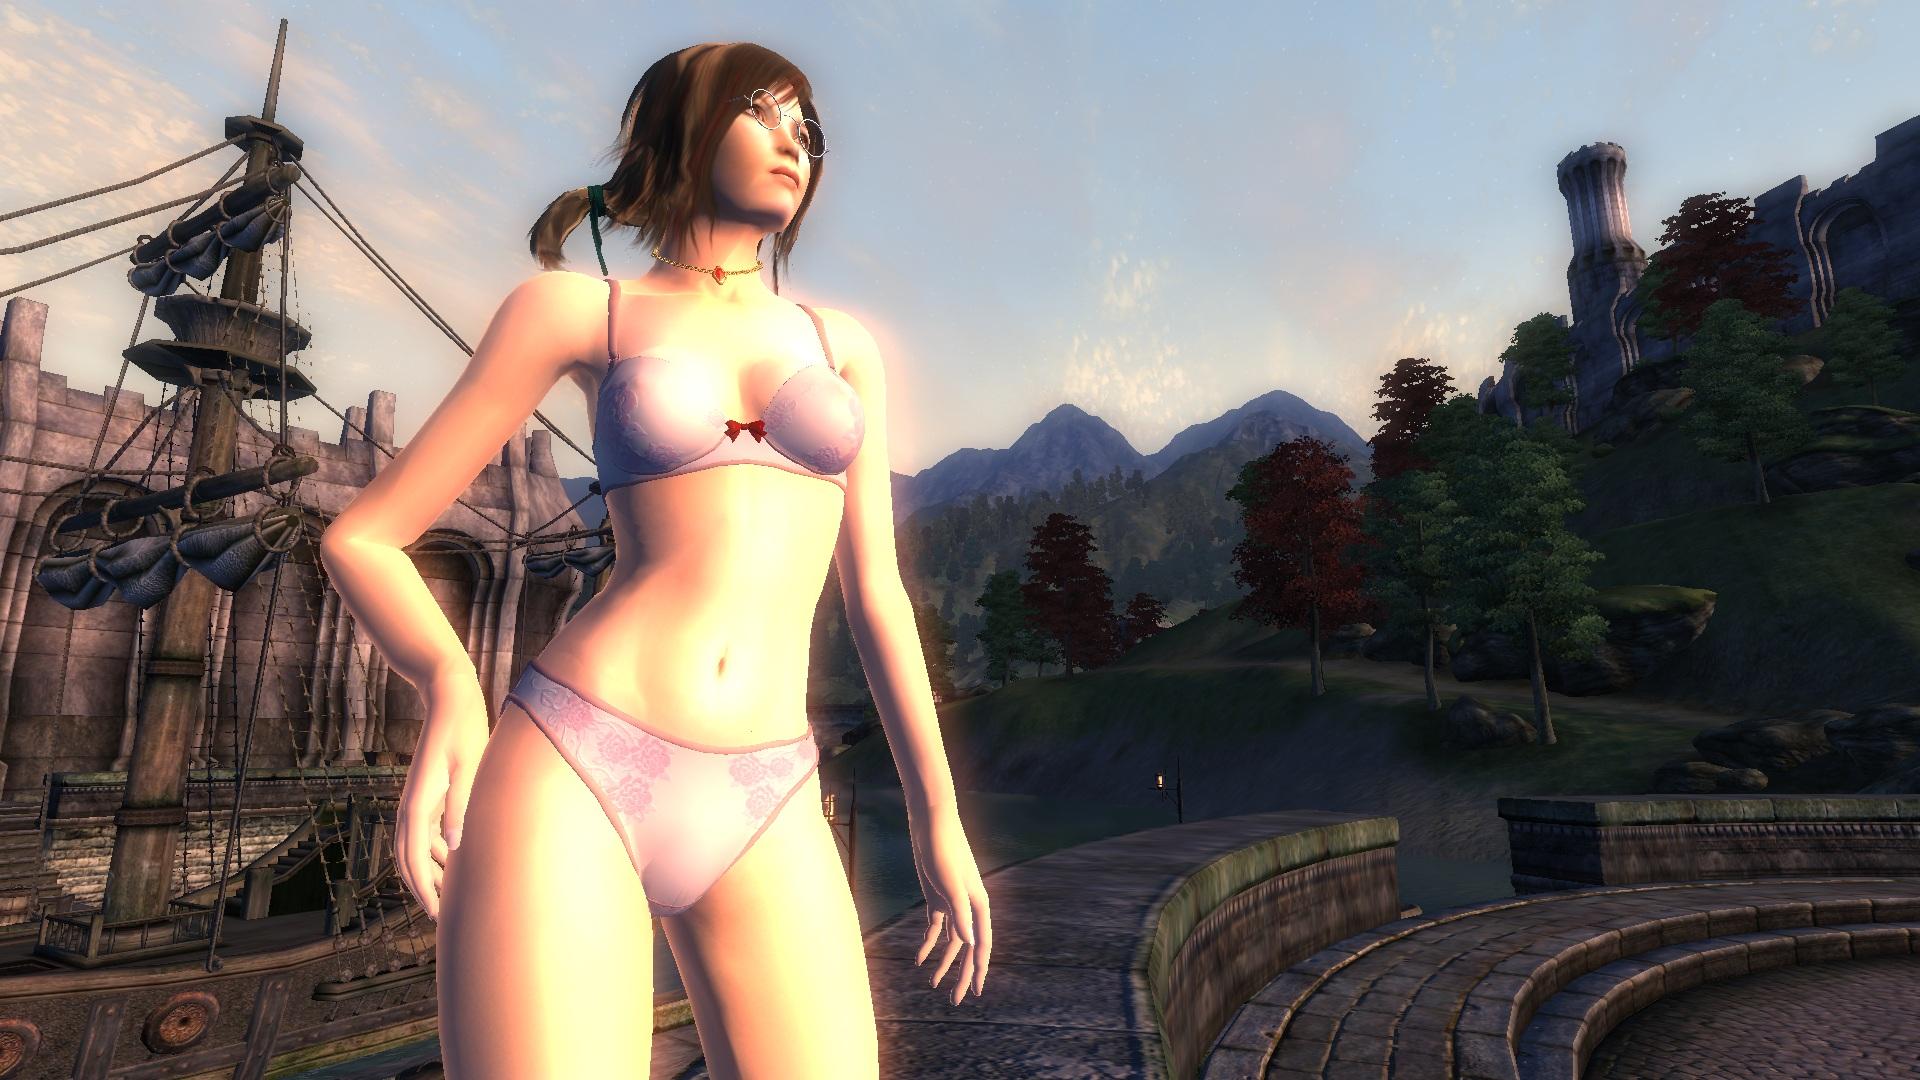 Oblivion nude fuck hentai video